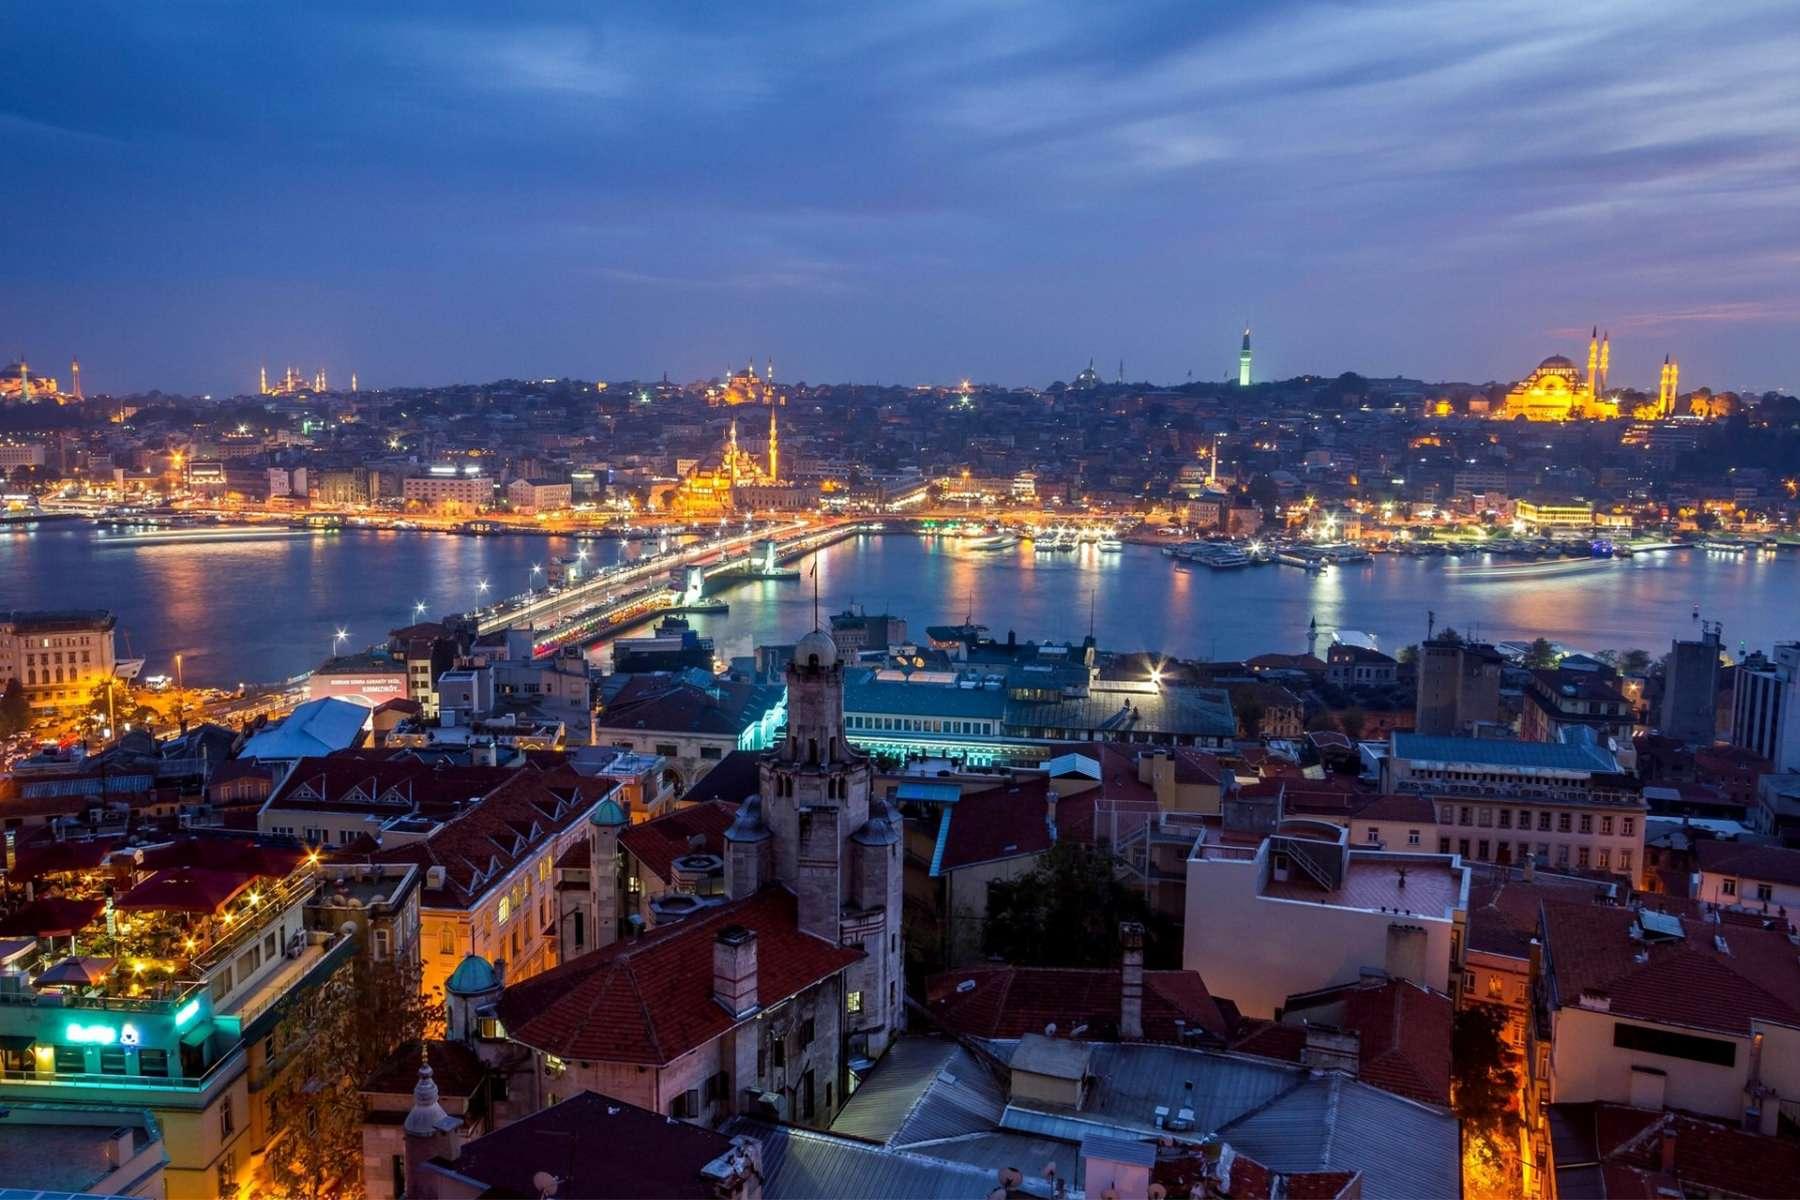 تور استانبول 4 روزه ویژه 12 بهمن ماه پرواز معراج